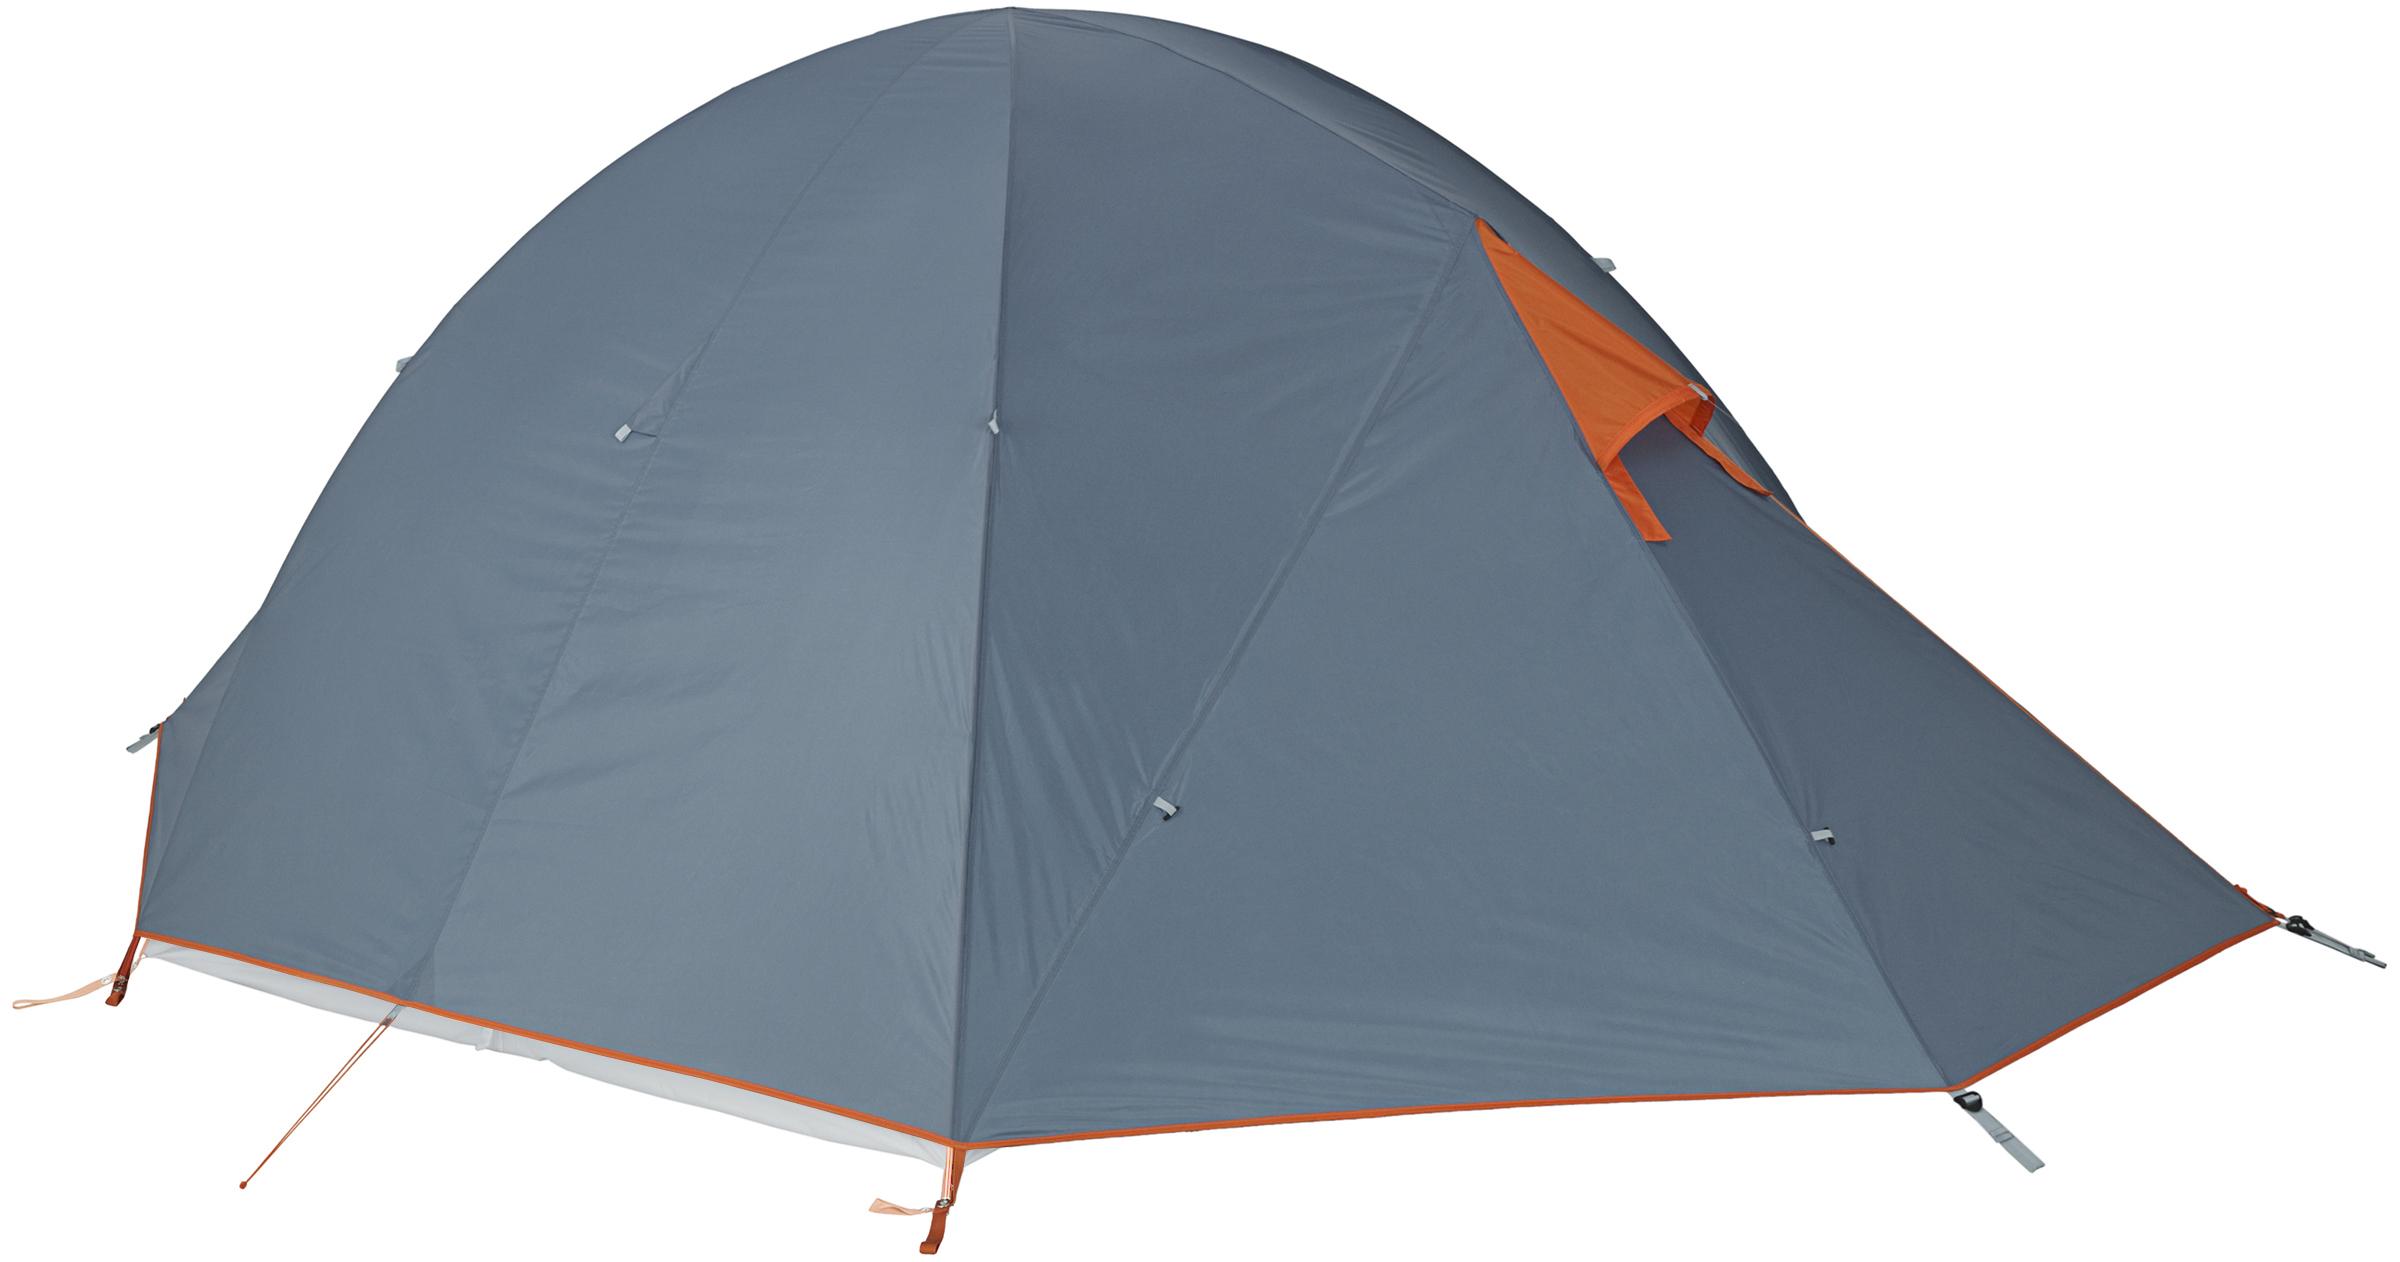 sc 1 st  MEC & MEC Wanderer 2 Tent Fly